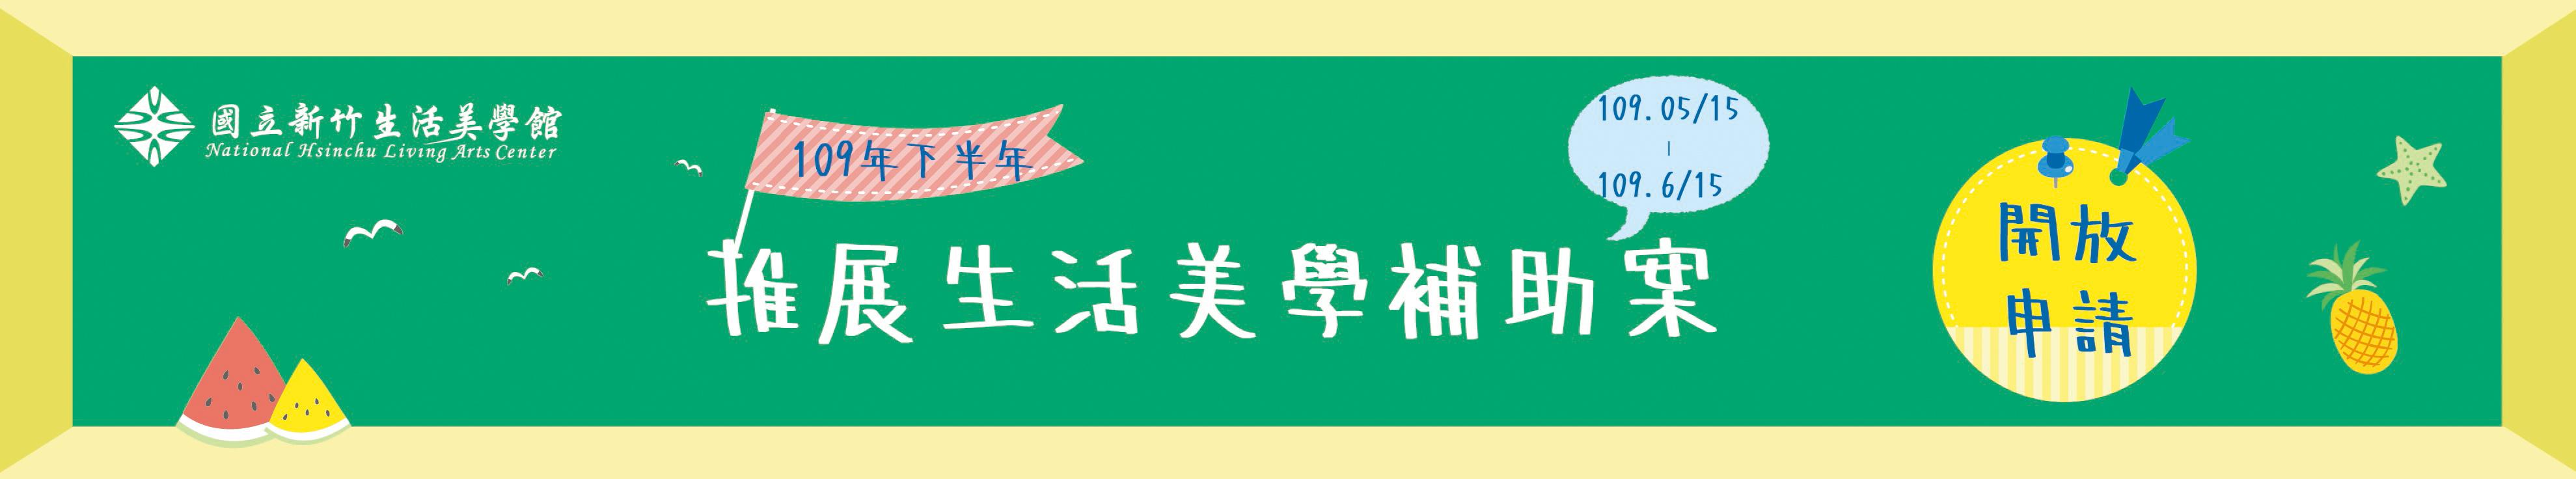 國立新竹生活美學館109年度下半年推展生活美學補助案申請受理徵件